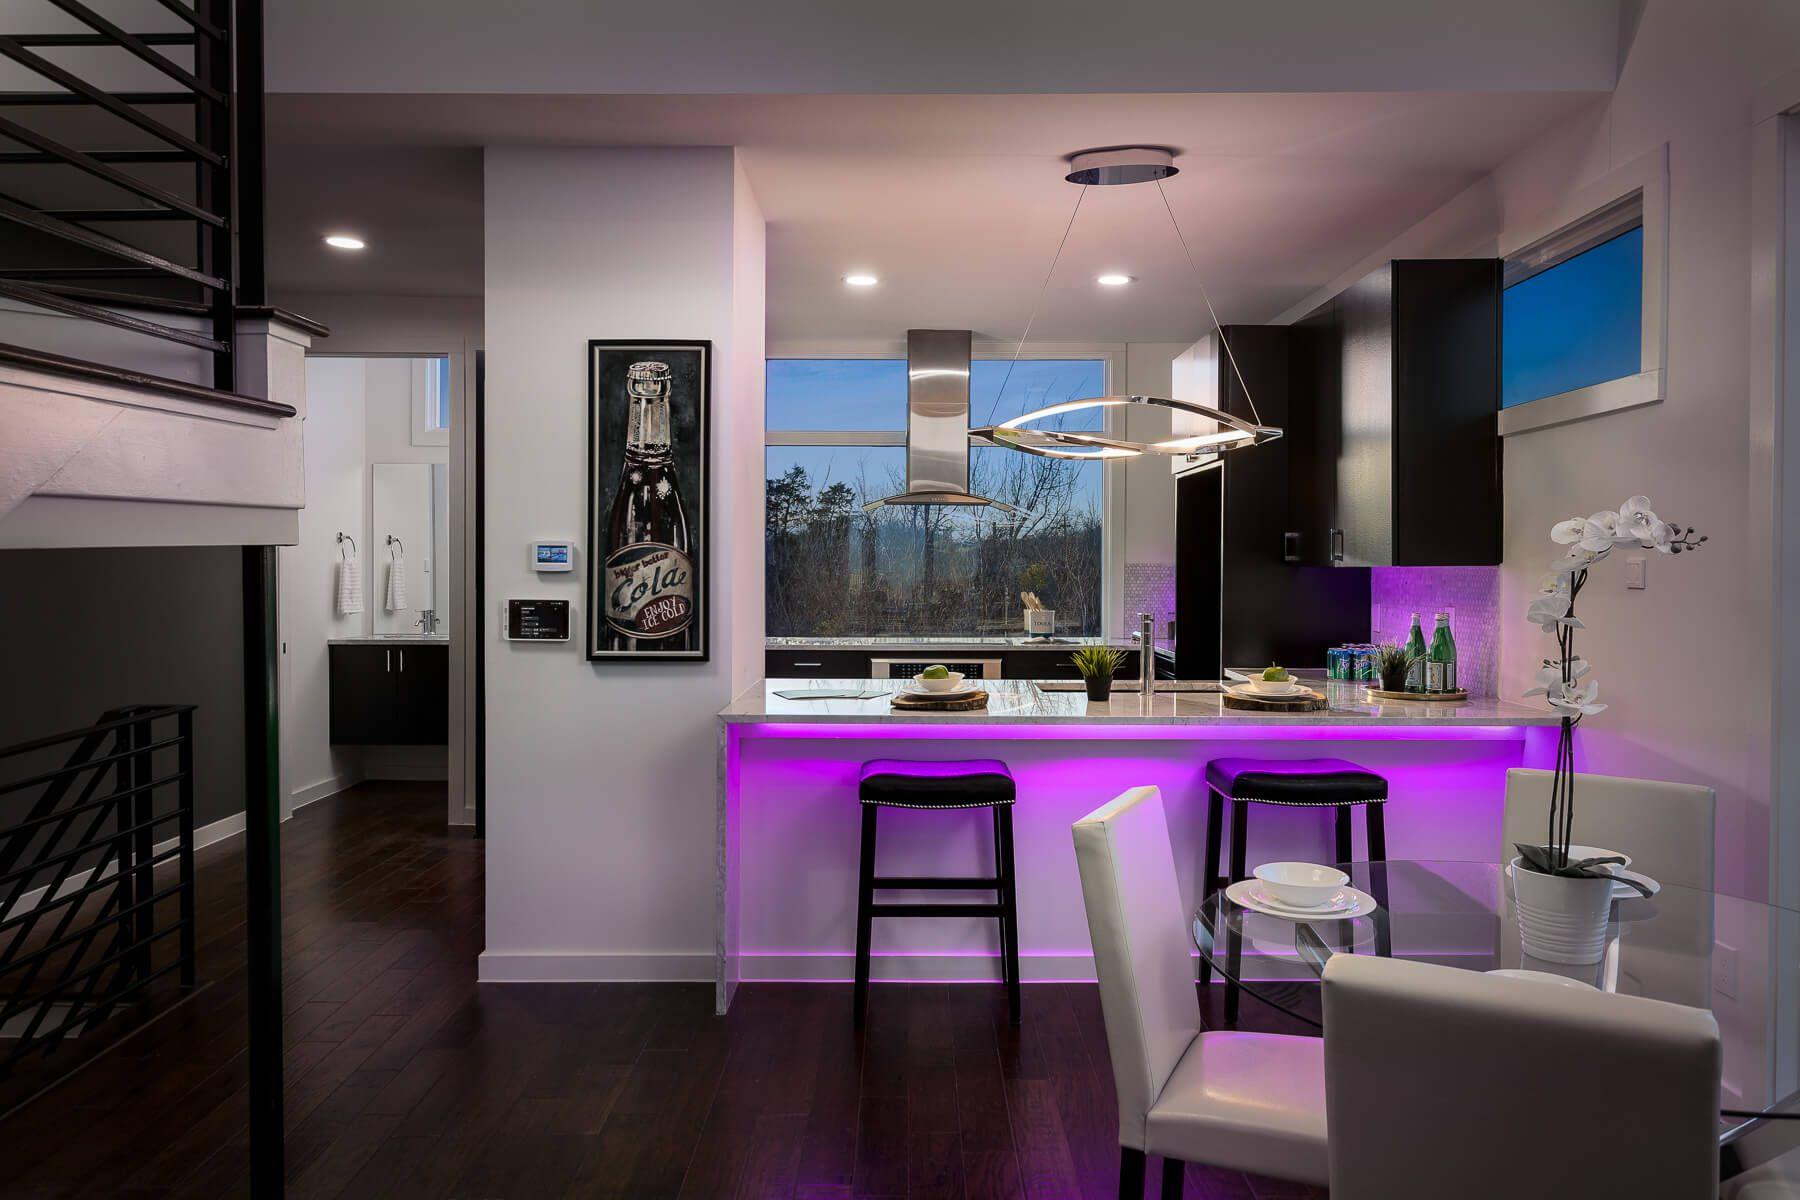 Lichtsteuerung Mit Loxone Atemberaubende Beleuchtung Kuchen Inspiration Smart Kitchen Und Kuchendesign